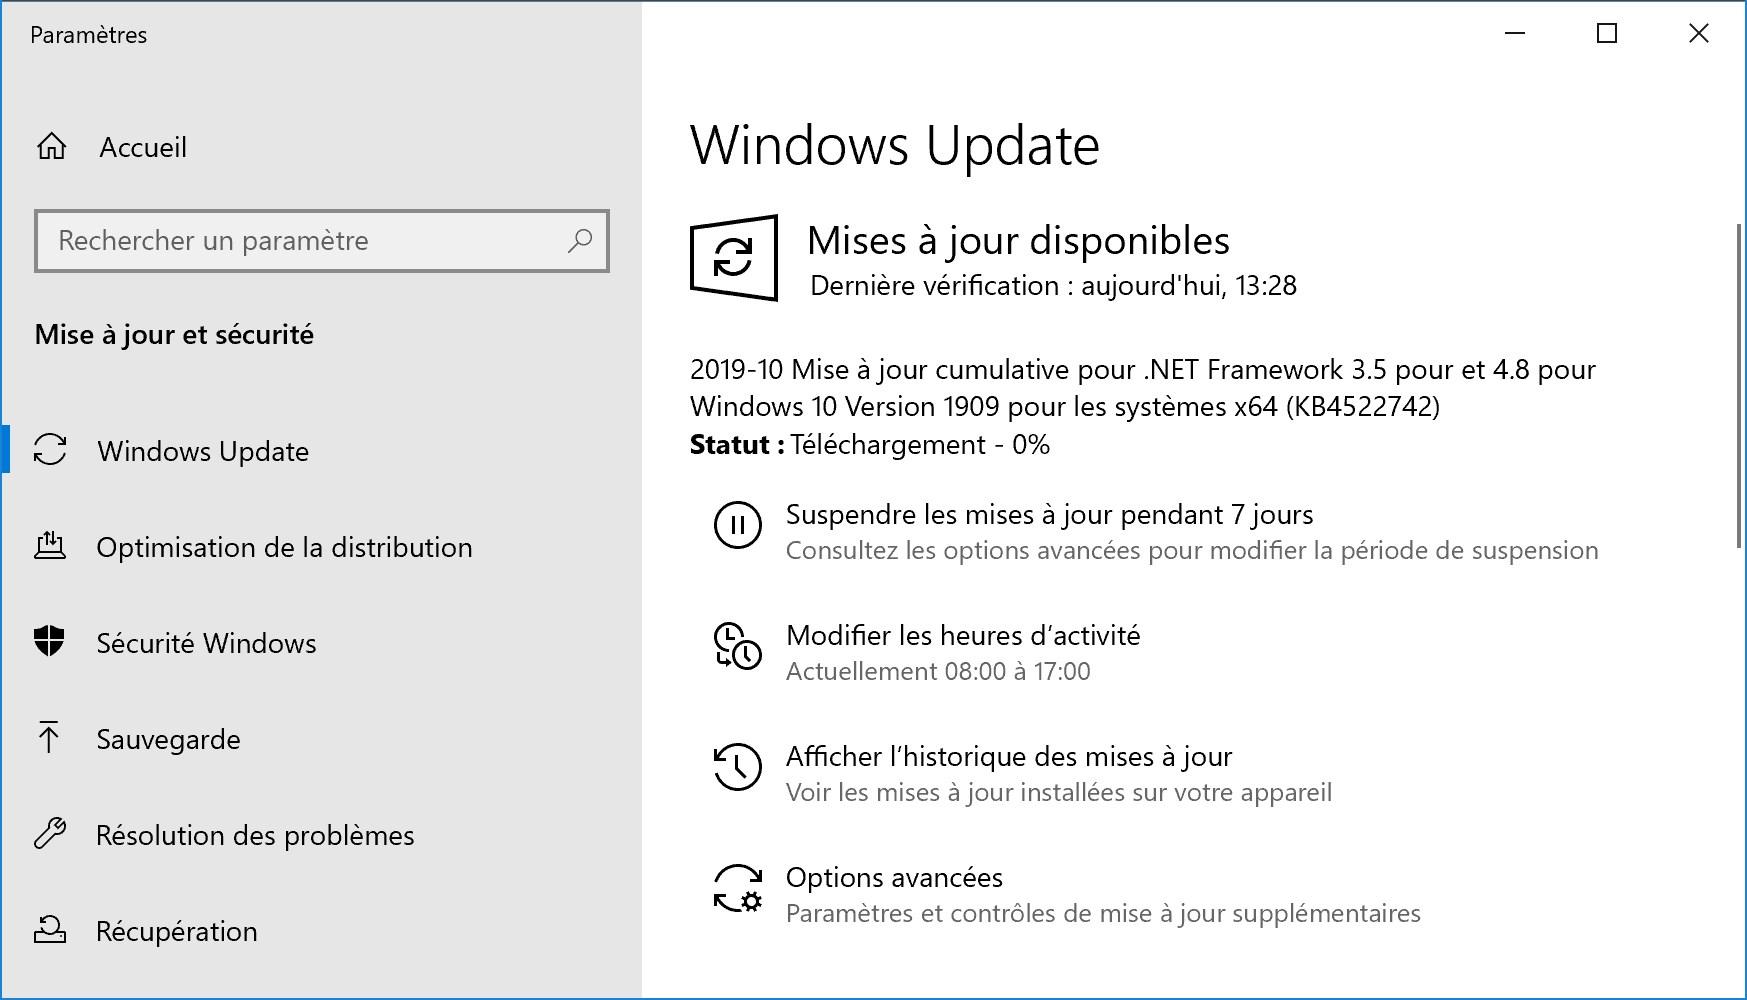 Windows Update  configurer les mises  jour sur Windows 10 8 et 7  Le  Crabe Info